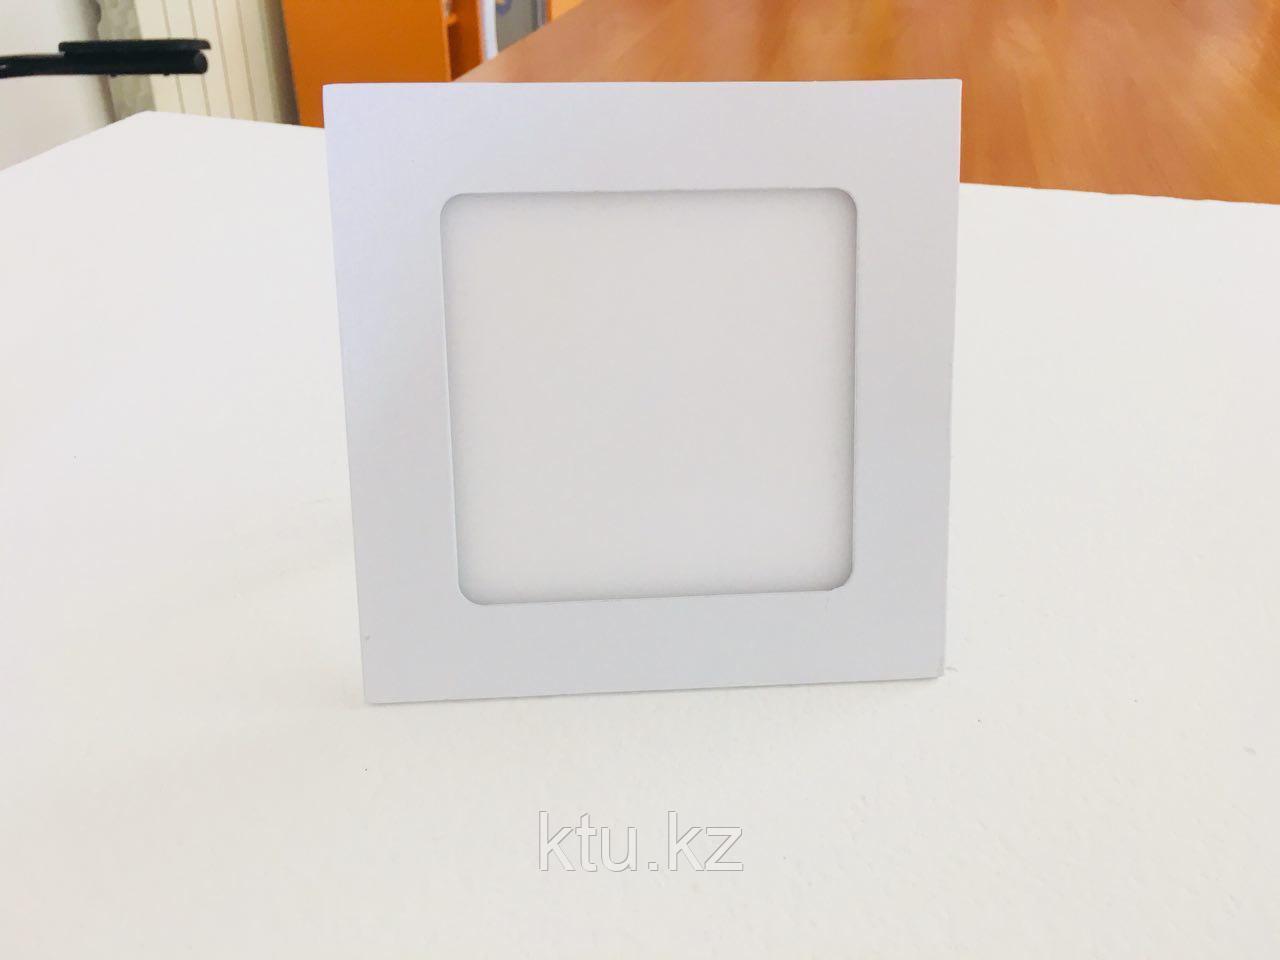 Светильники (споты) JL-Y 12W,внутренний 1год гарантия